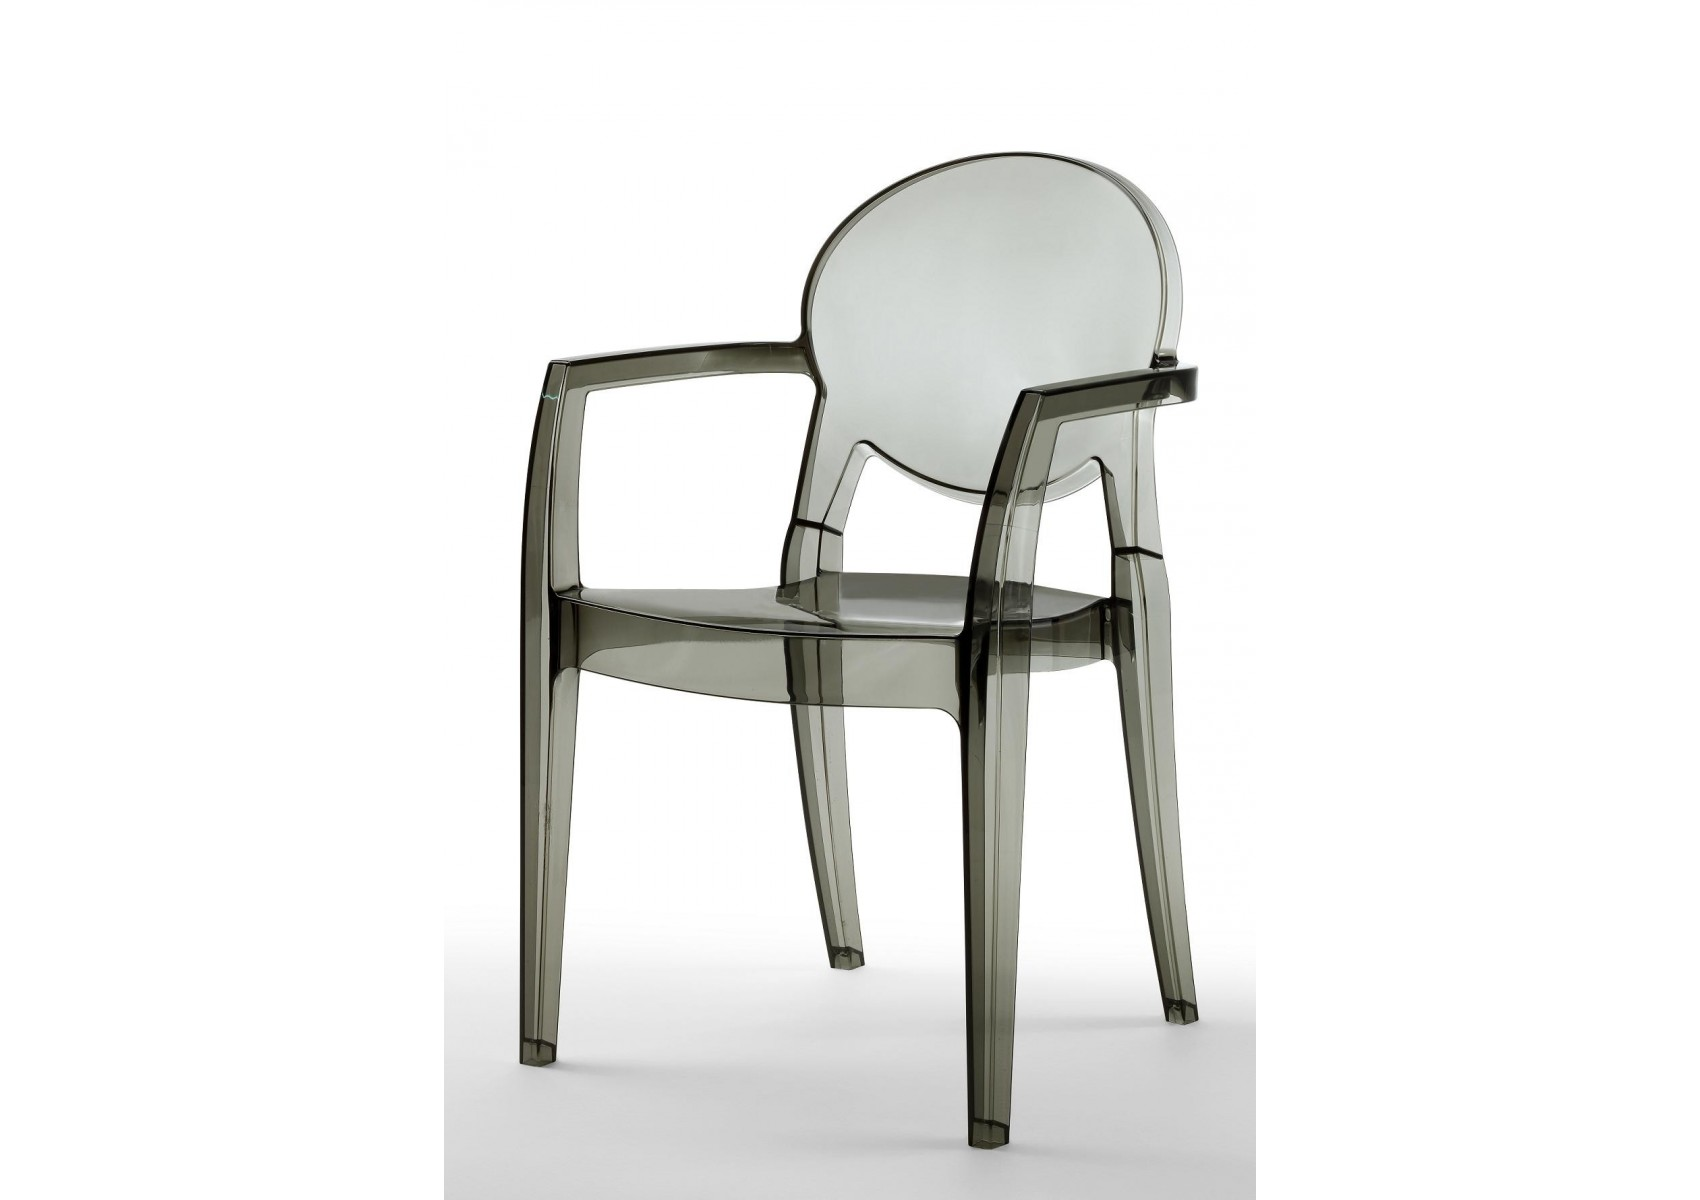 Chaises design avec accoudoirs igloo lot de 6 deco for Lot de 6 chaises design